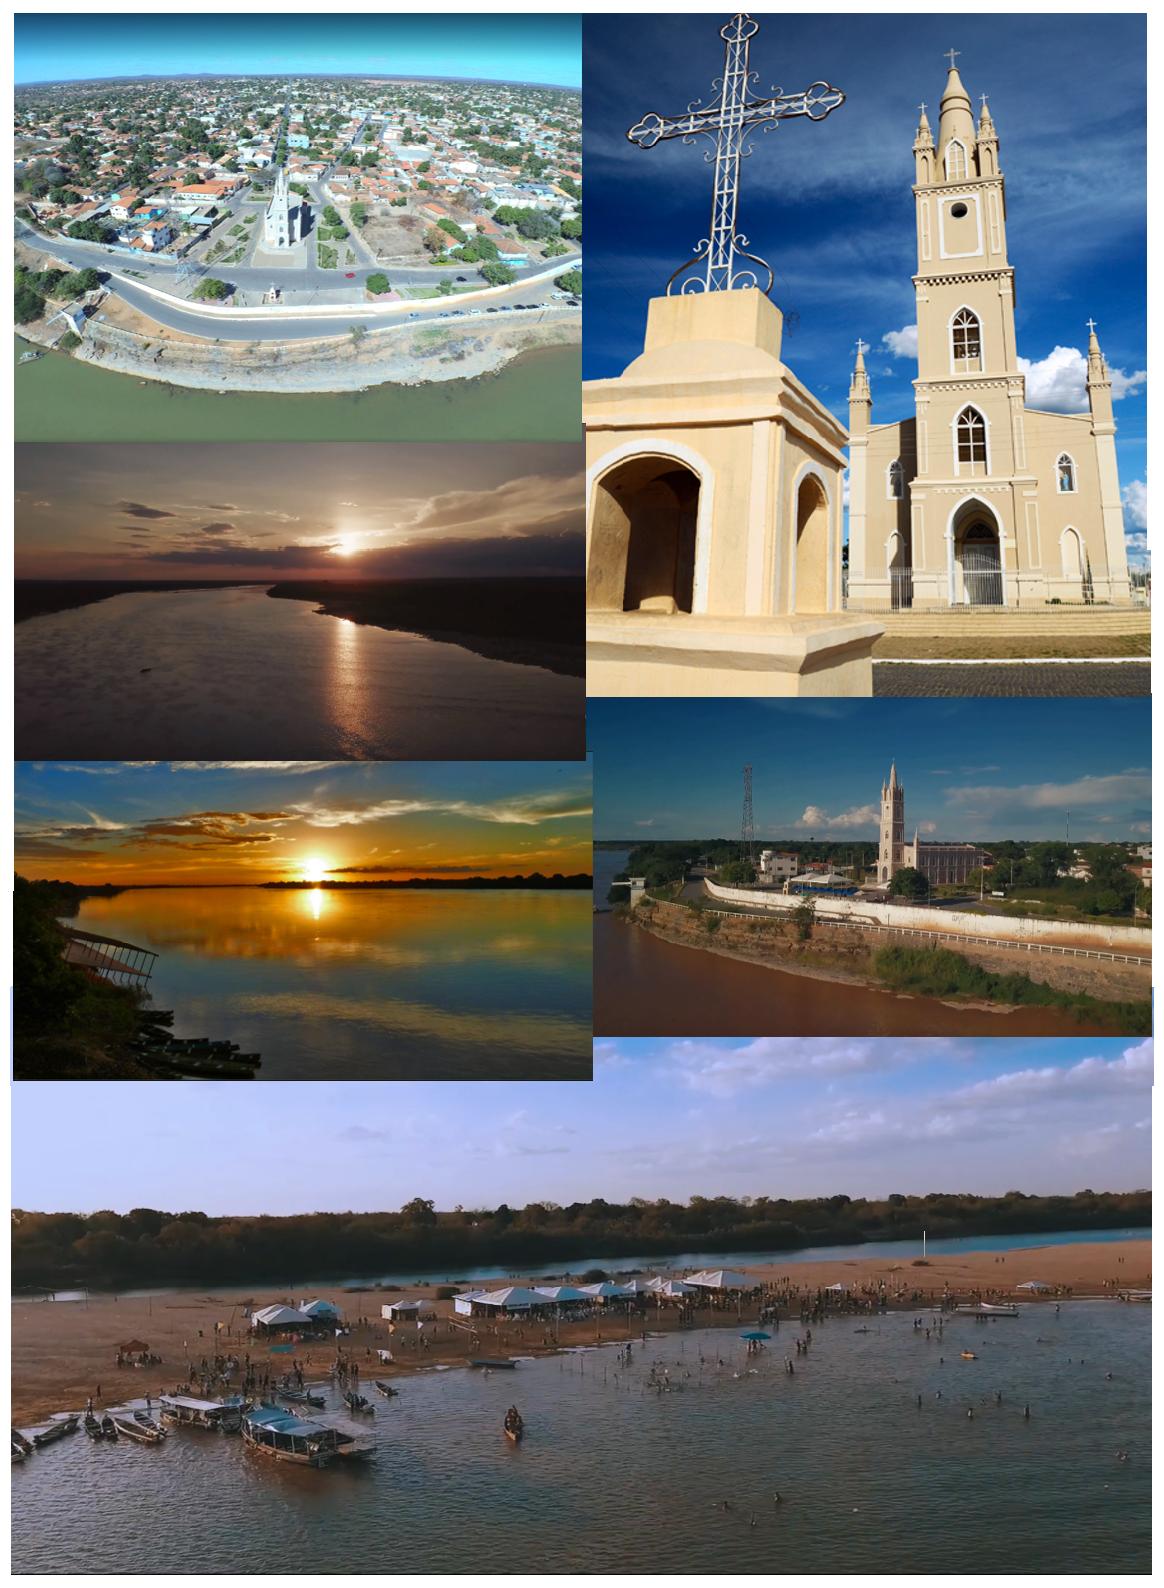 São Francisco Minas Gerais fonte: upload.wikimedia.org